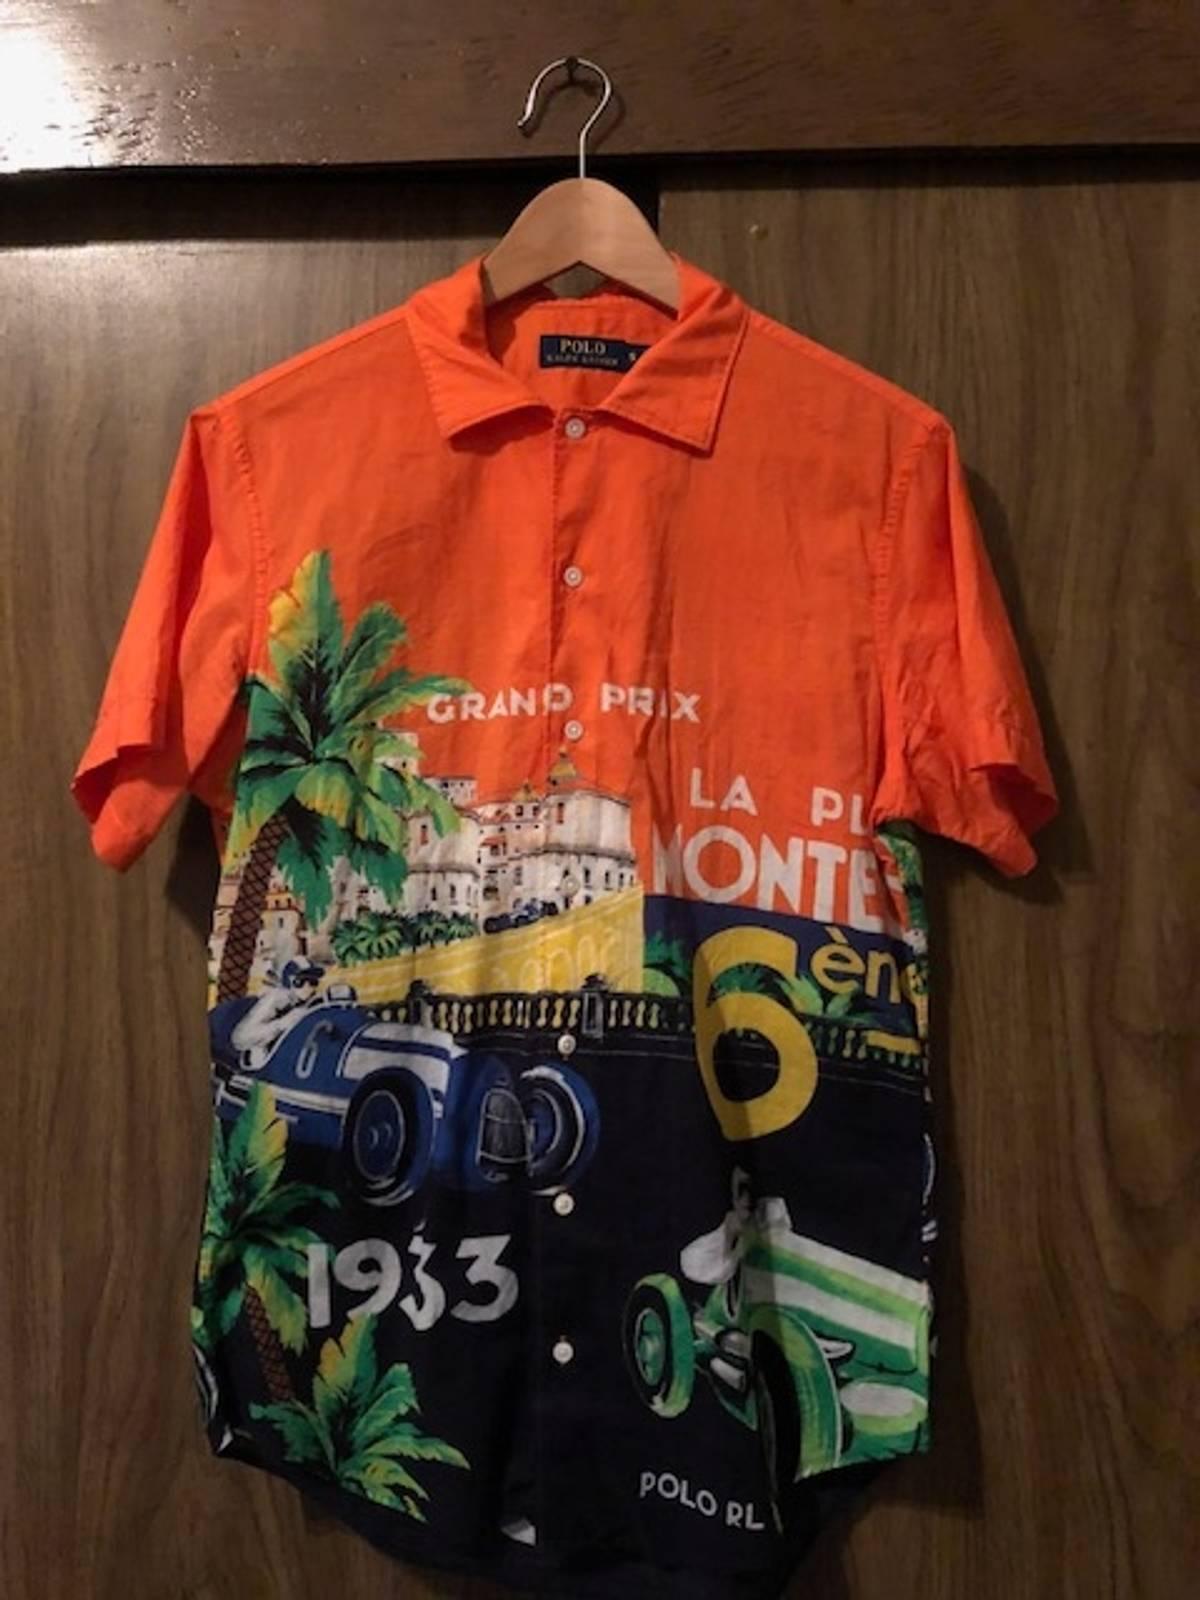 3c9ec1c7d0d Polo Ralph Lauren Monte Carlo Grand Prix Button Up Size s - Shirts ...